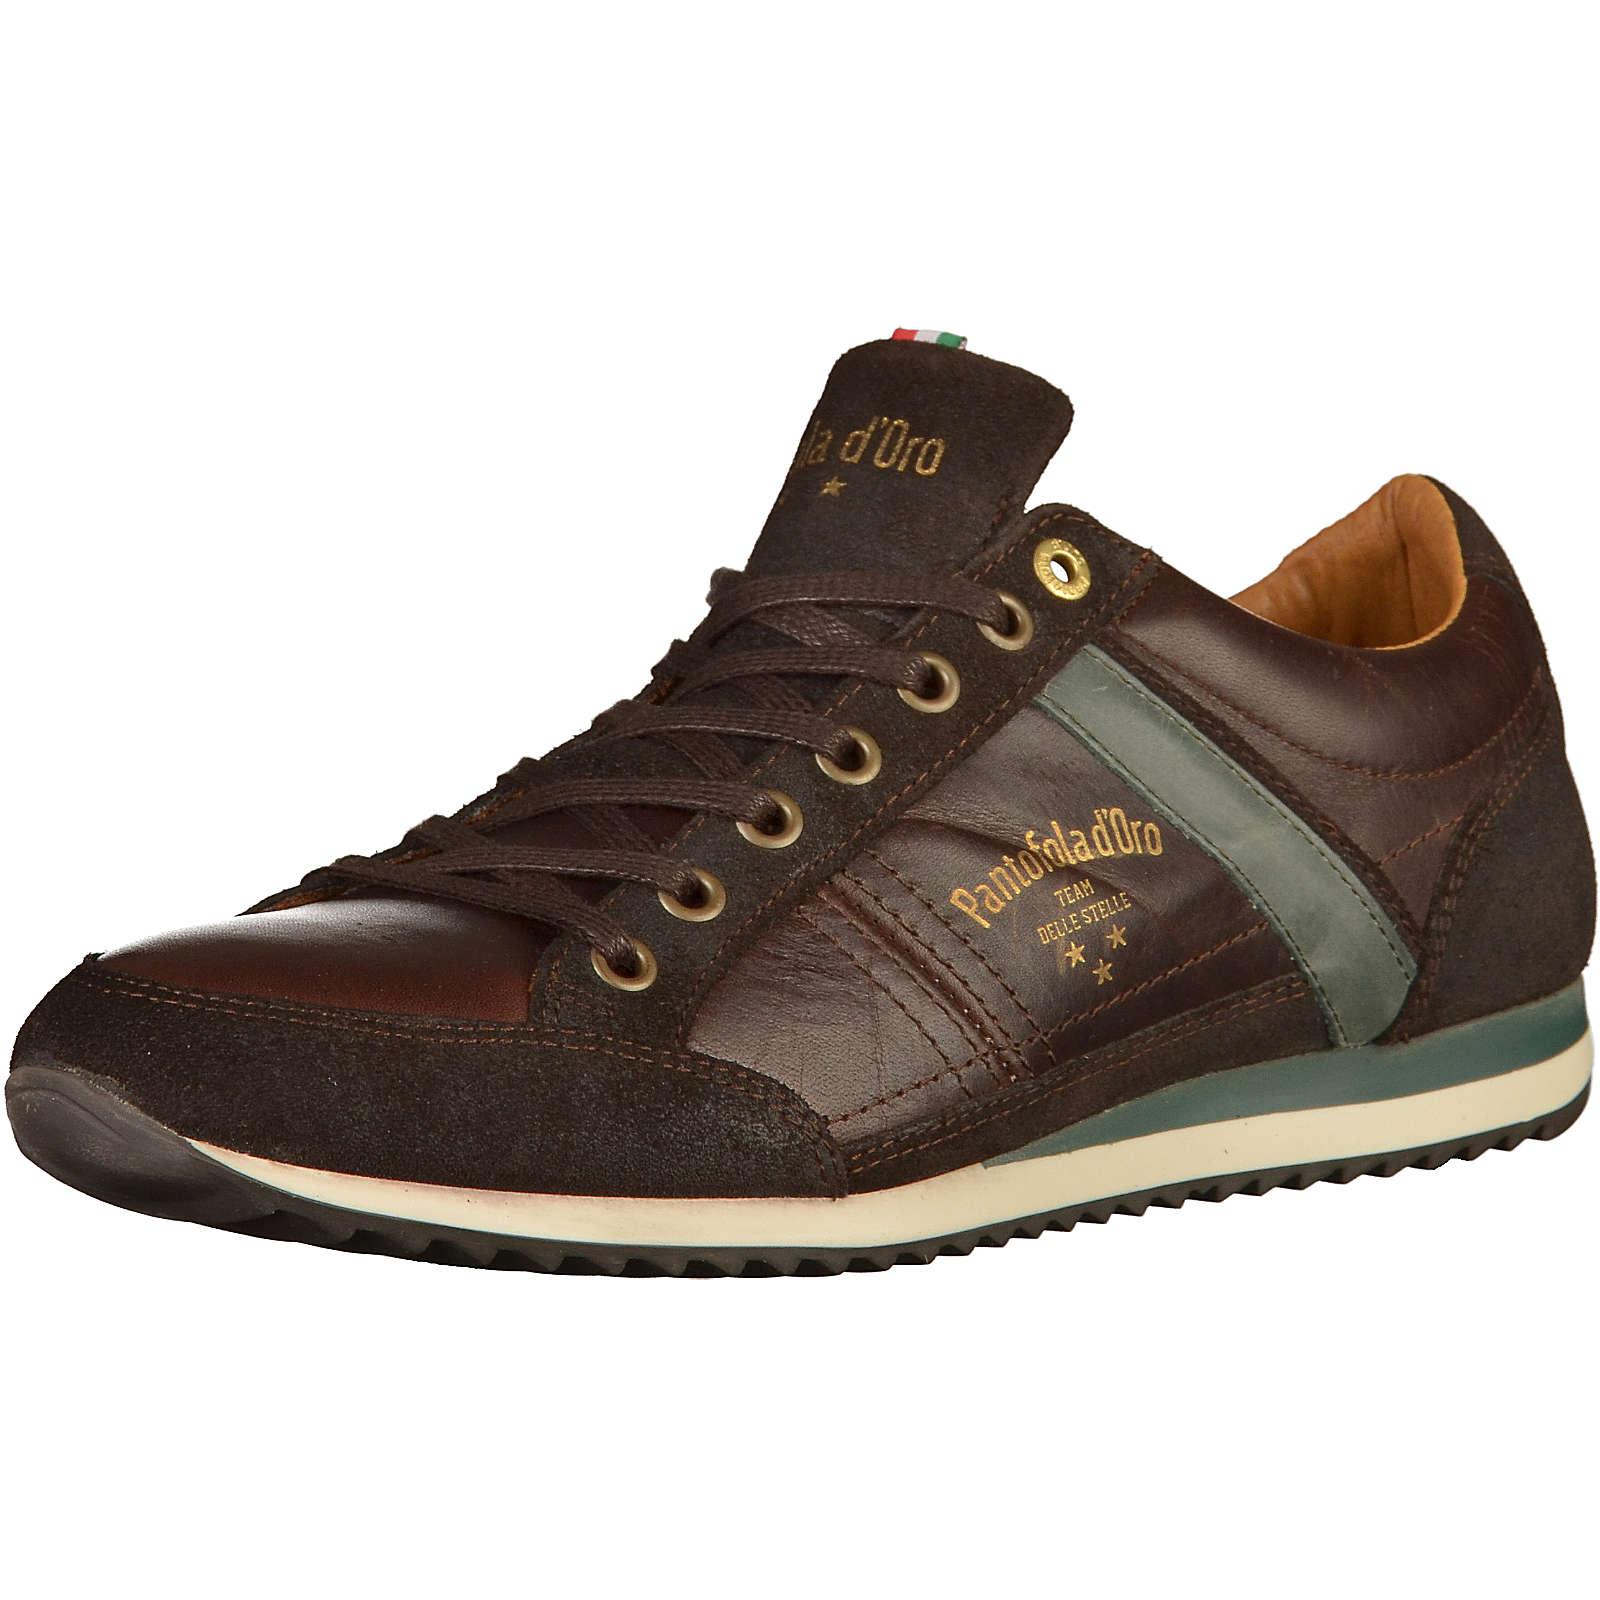 Pantofola d´Oro Sneakers dunkelbraun Herren Gr. 45